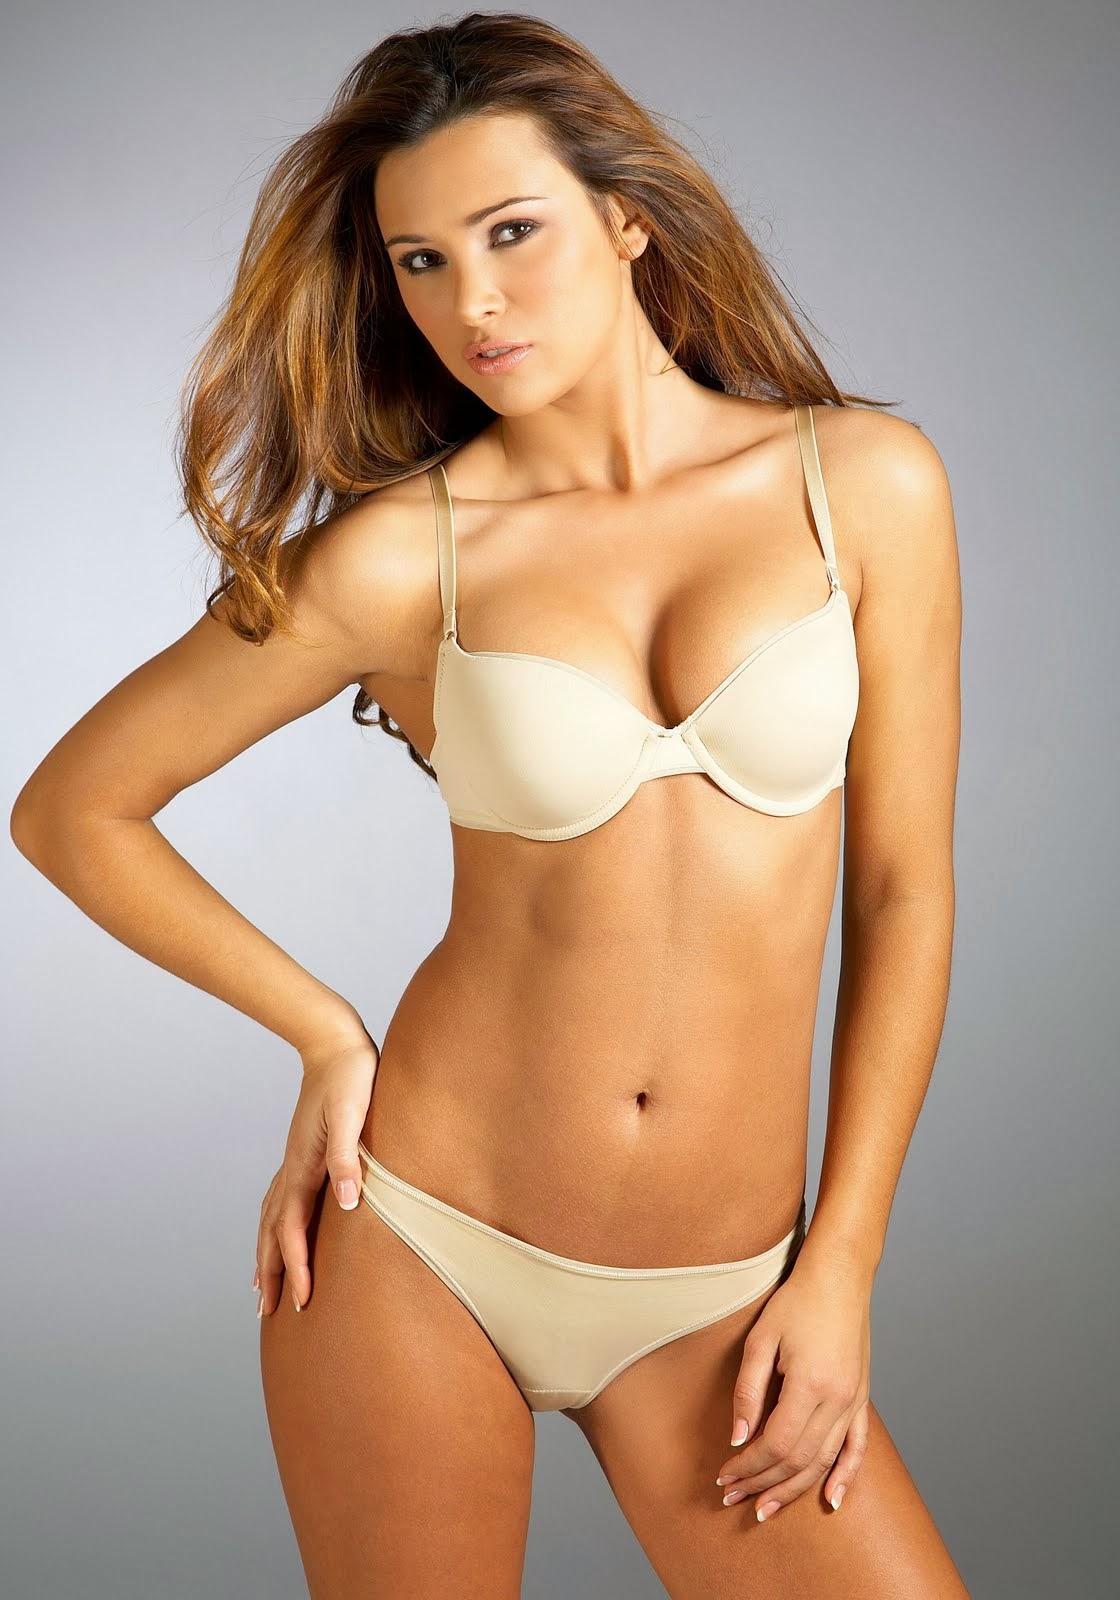 Alina Vacariu bikini model - p4 - bikini models, swimsuit